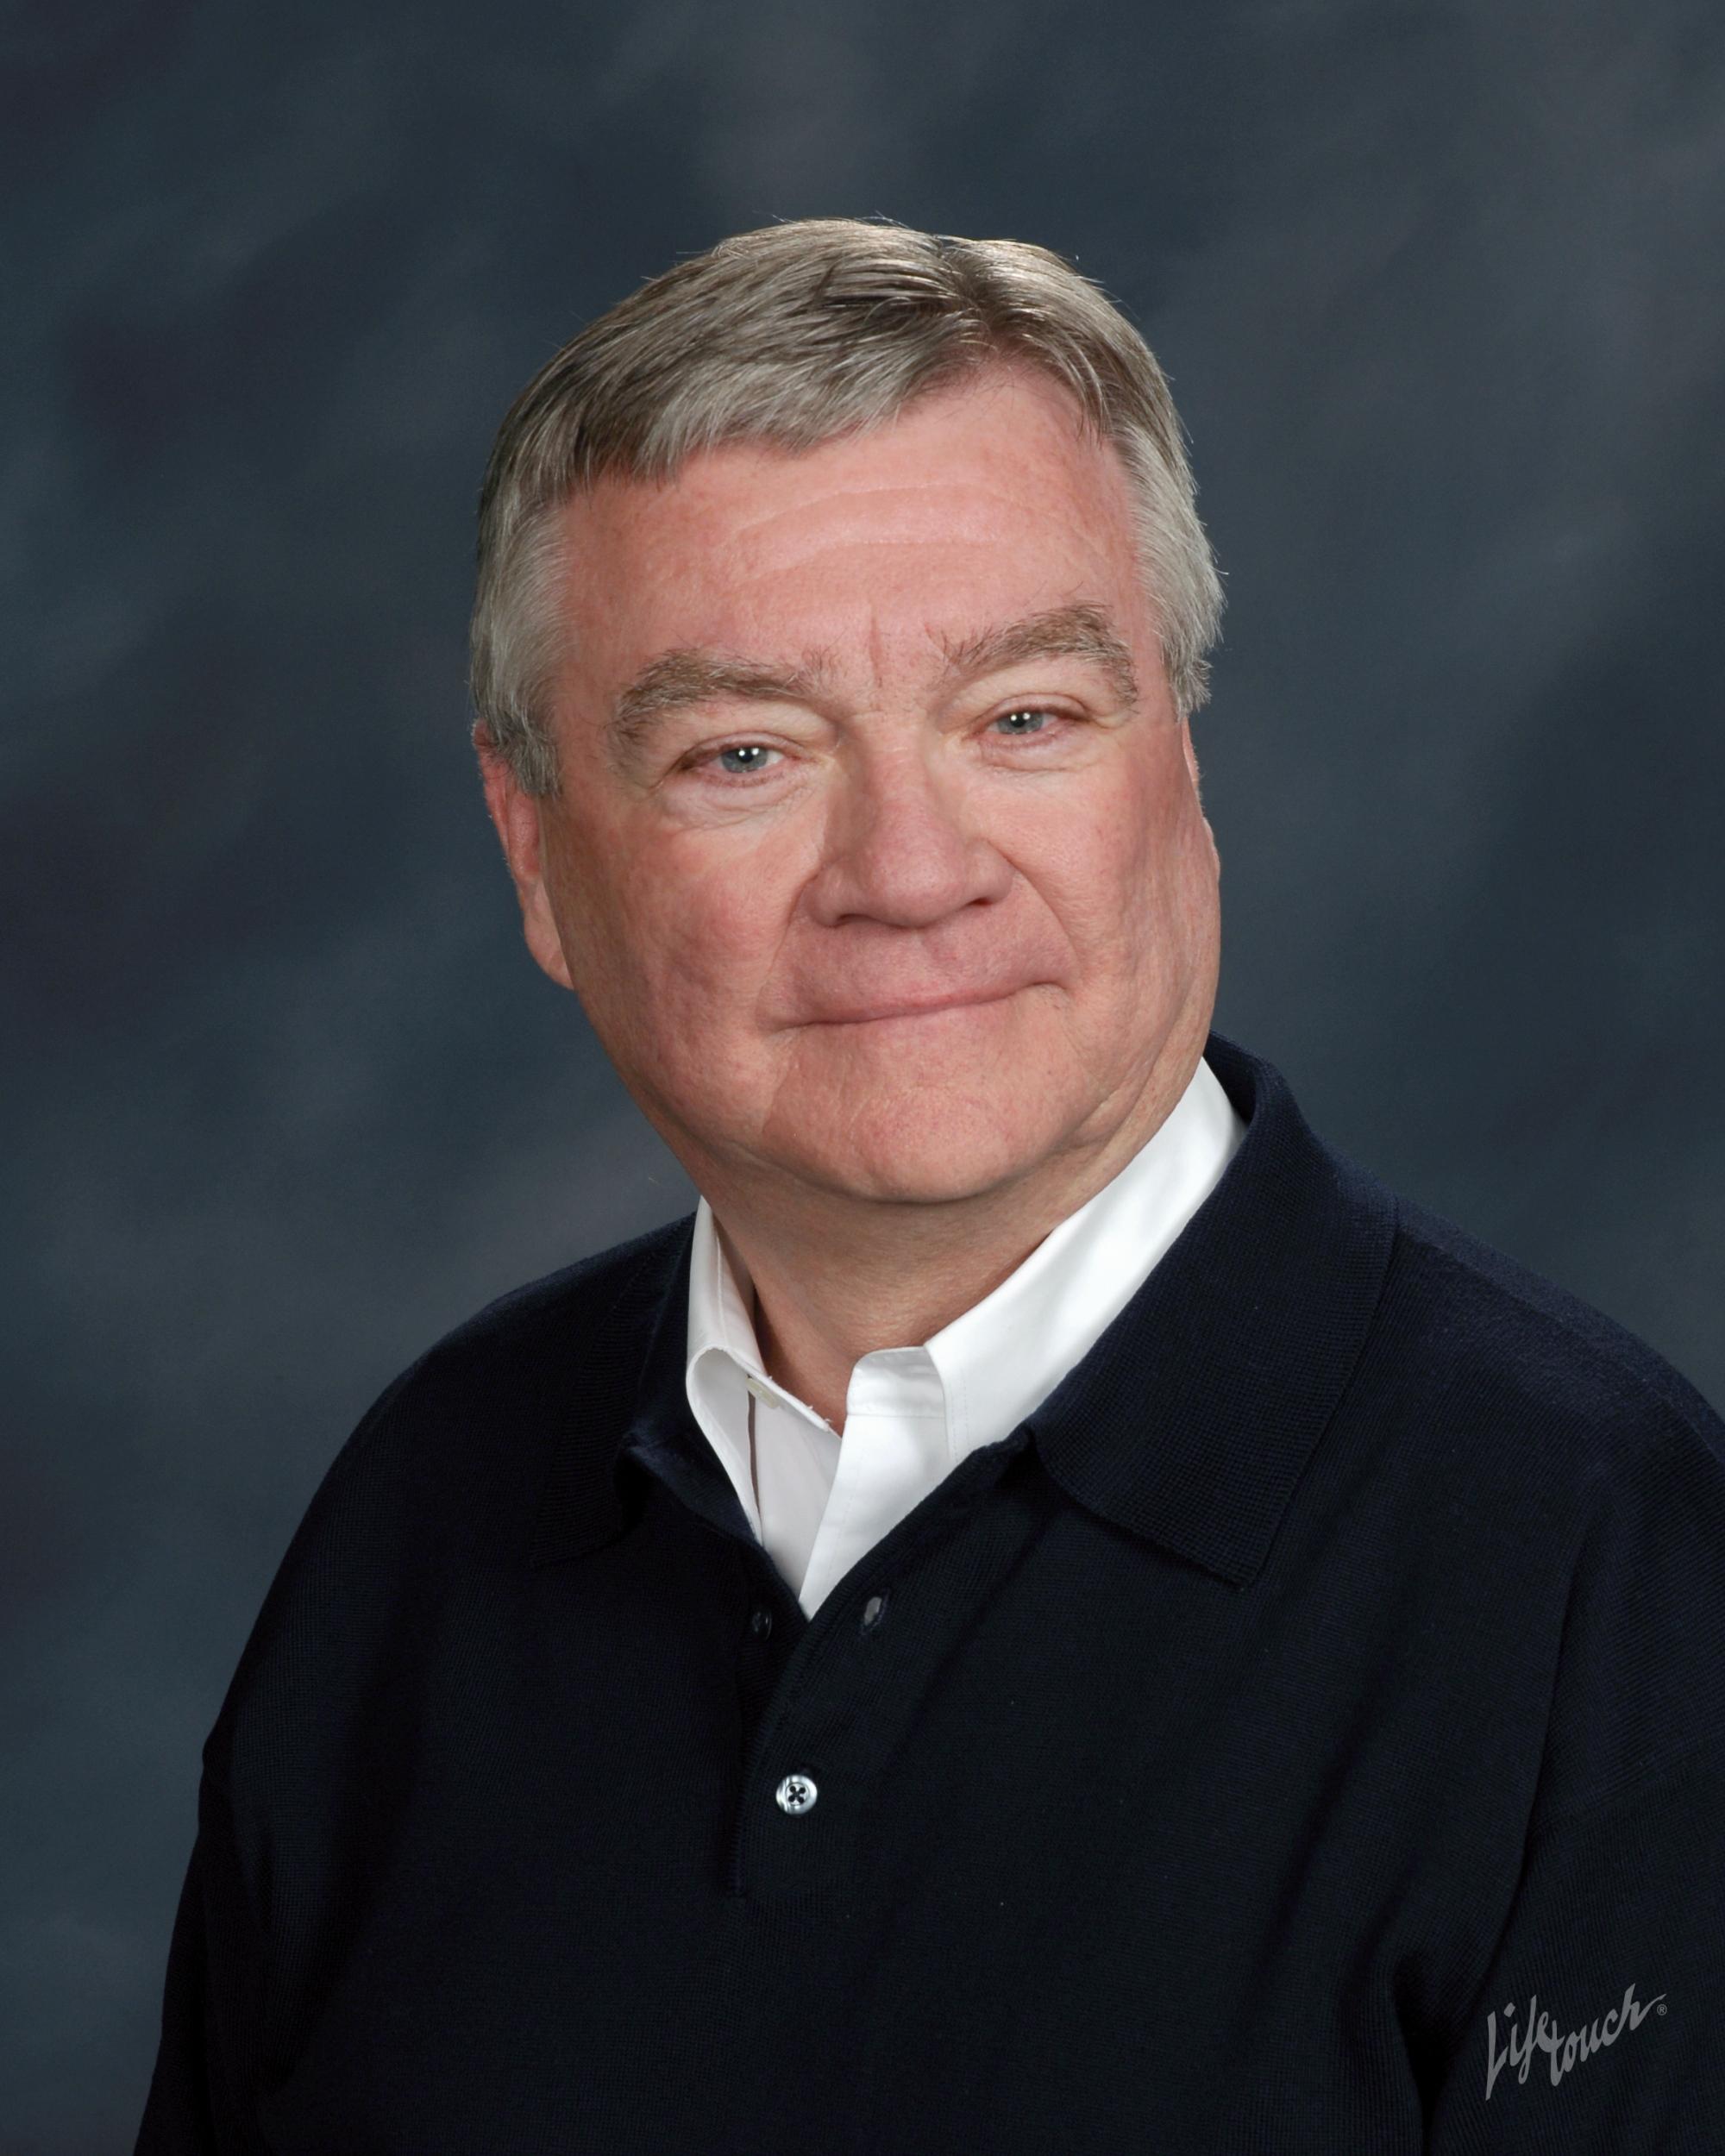 Dennis Langdon